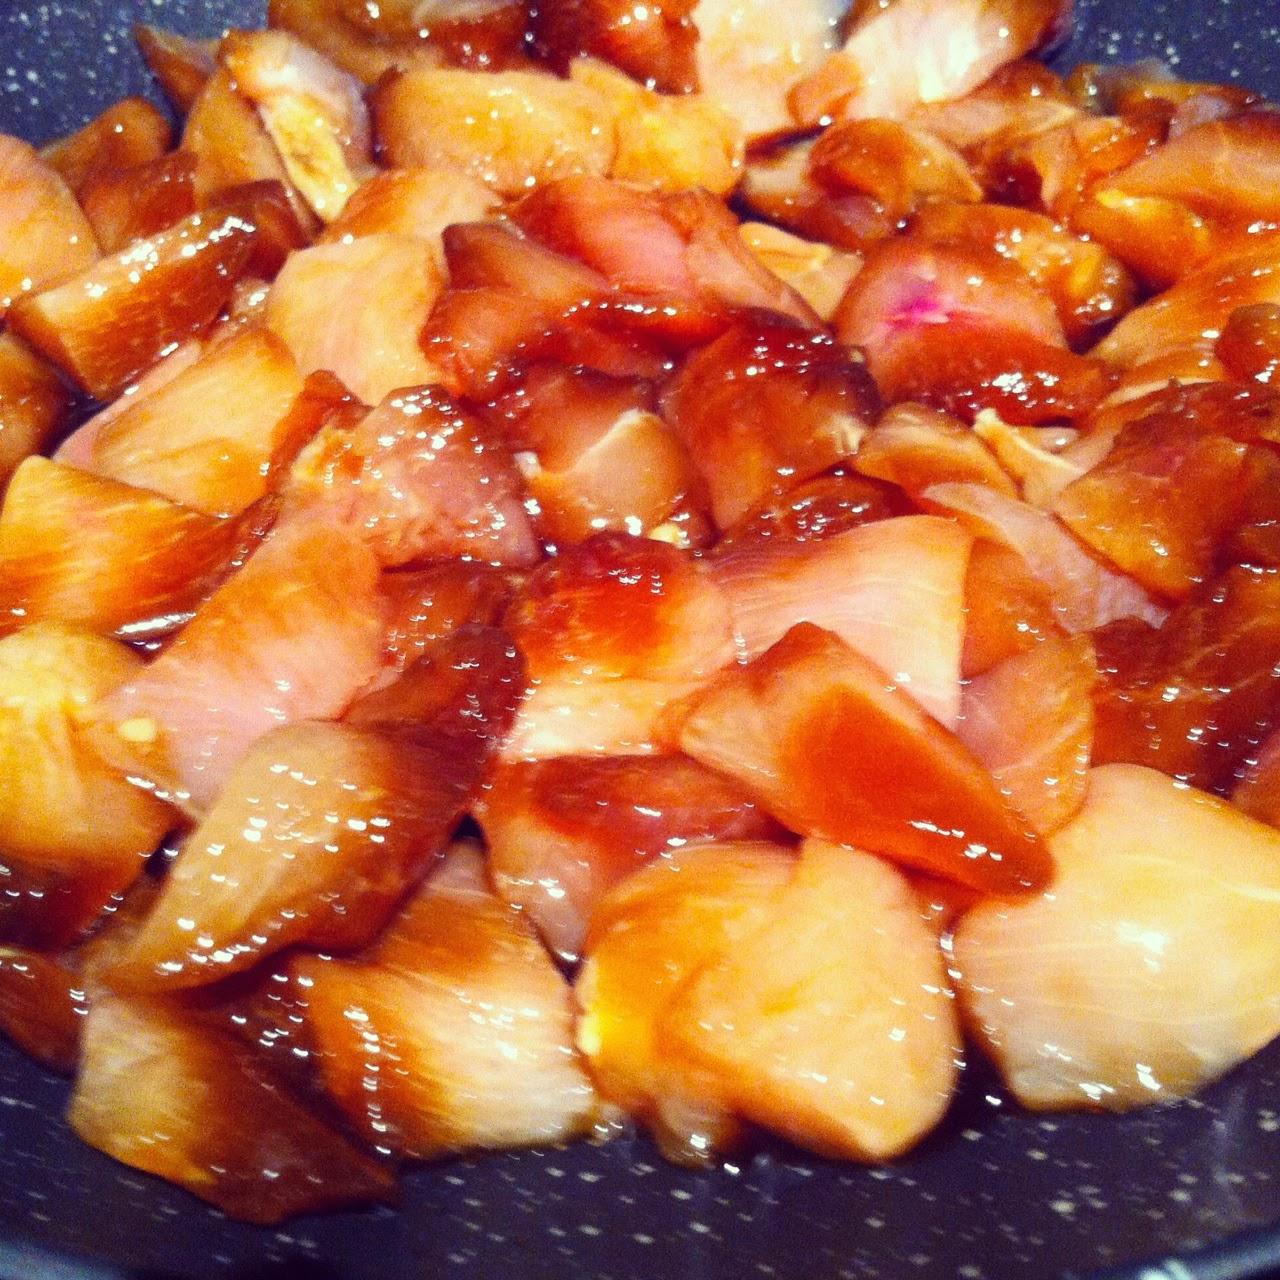 Pollo macerado en salsa de soja con verduras, friendo el pollo.